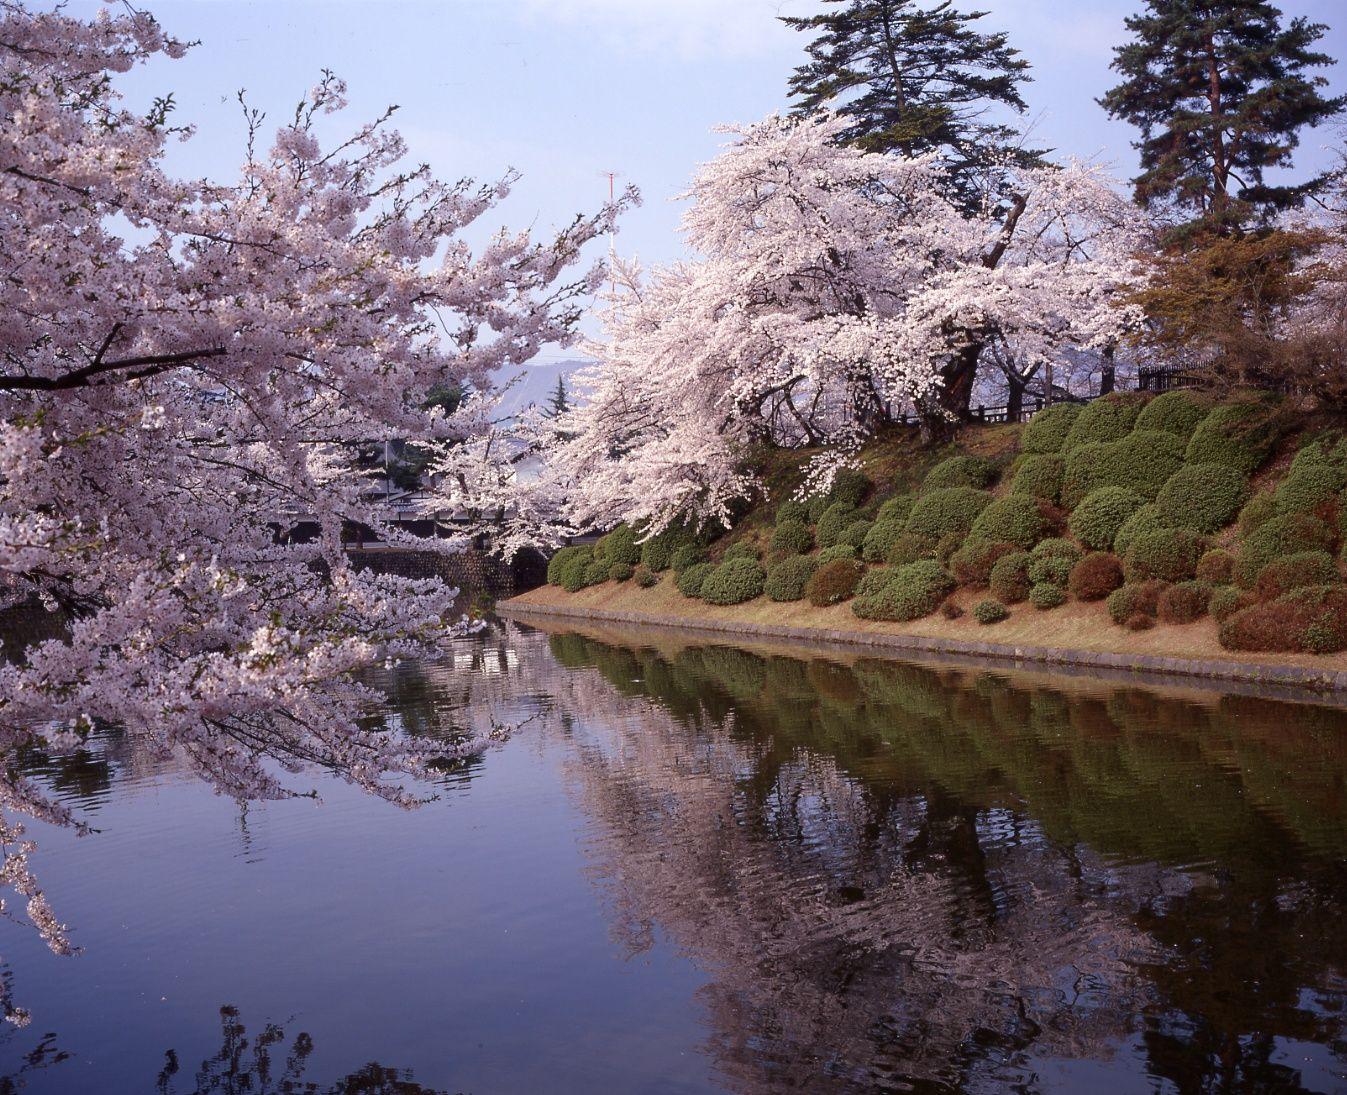 4月29日からの上杉神社・松が岬公園周辺について